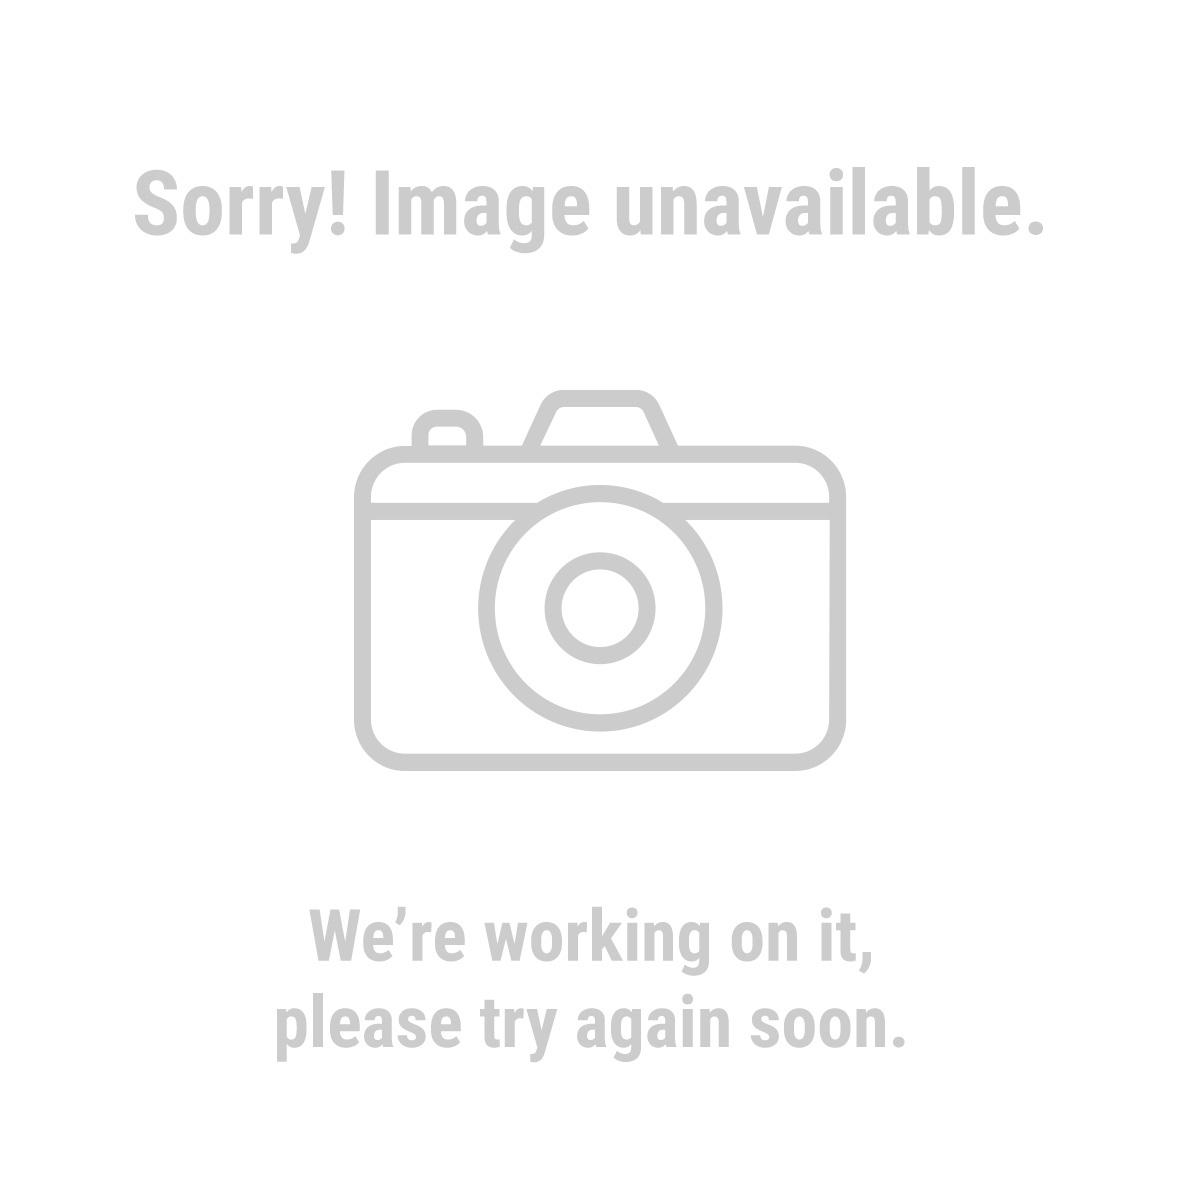 HARDY 61564 Full Grain Leather Gardening Gloves